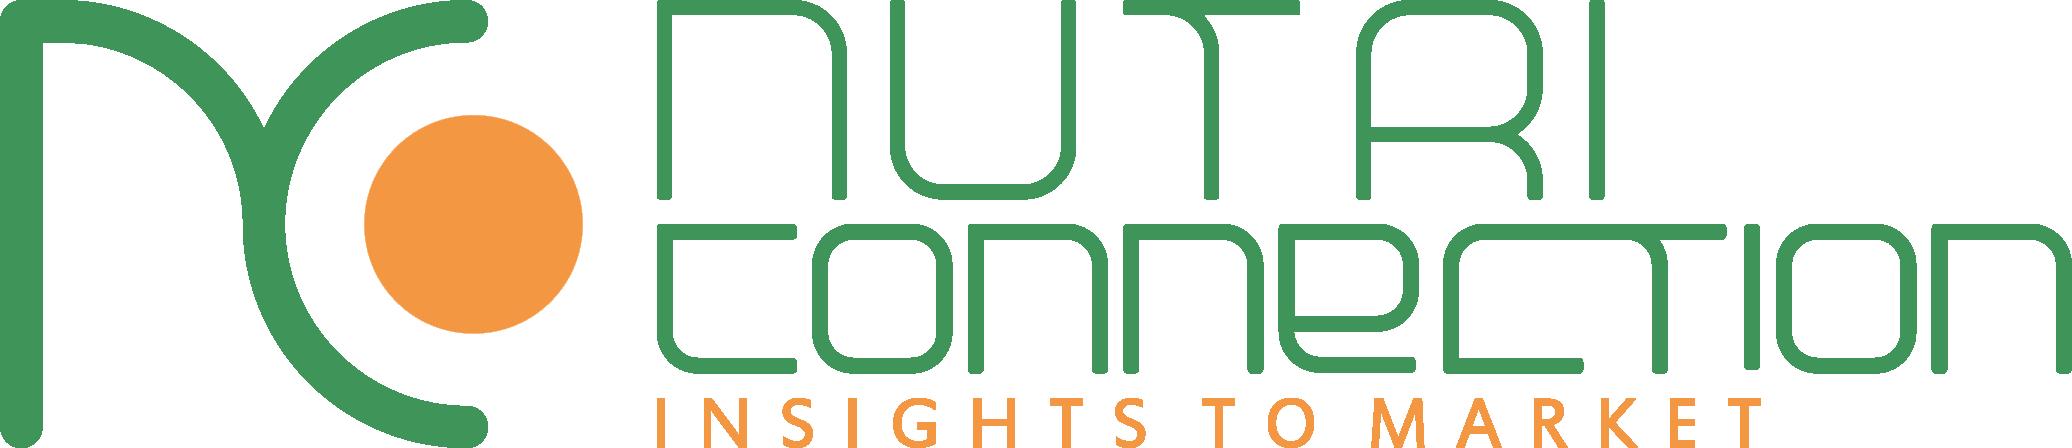 NutriConnection-Somos uma empresa de comunicação, conectados ás preferências do consumidor e movimentações do mercado de nutrição, saúde e bem-estar.